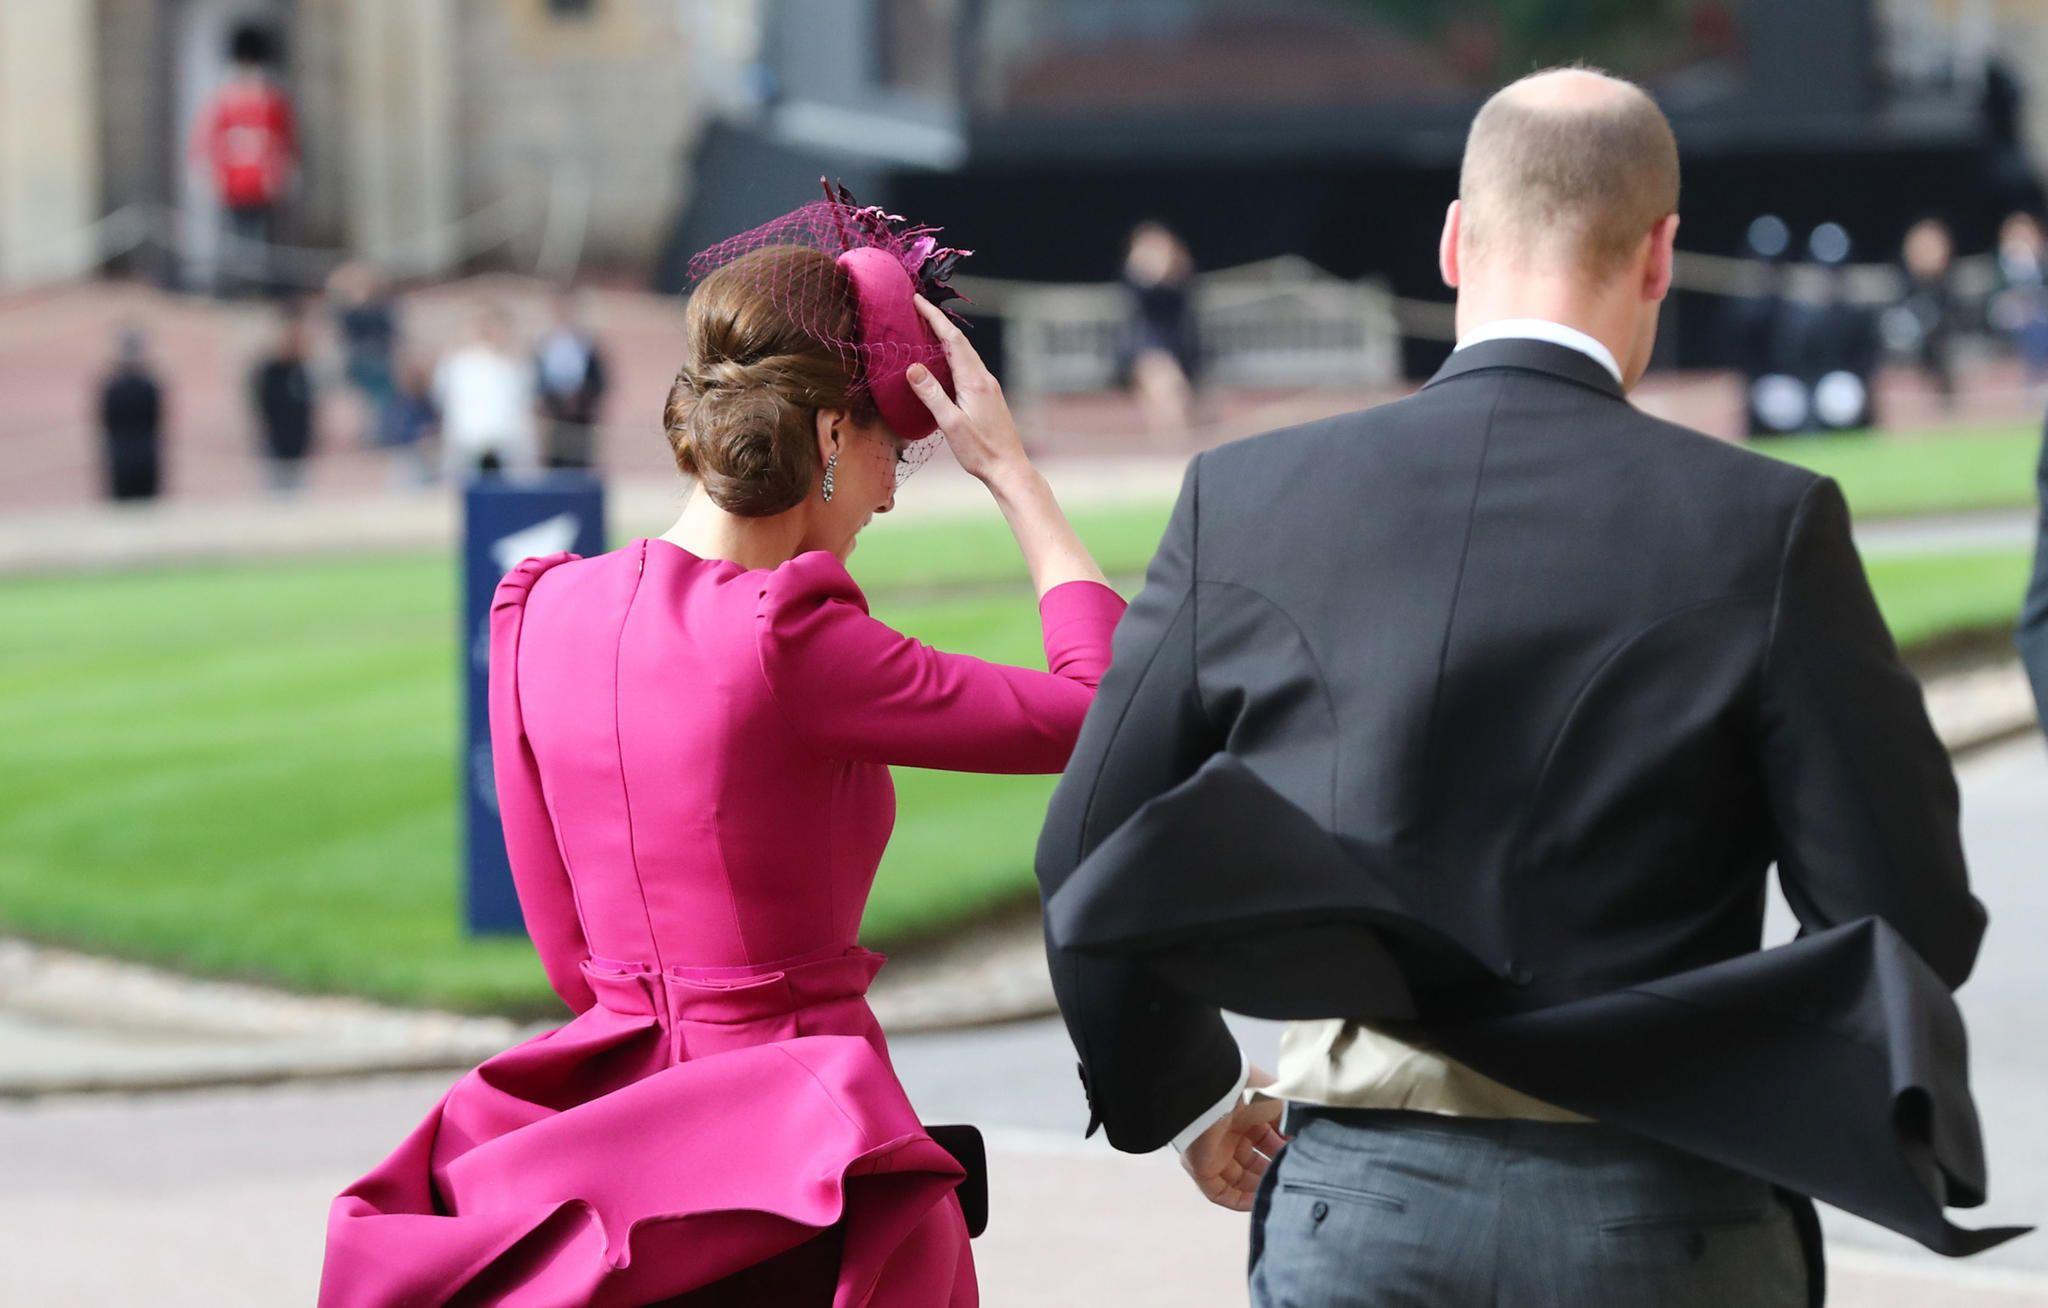 Hochzeit Prinzessin Eugenie Jack Brooksbank So Kampften Die Gaste Mit Dem Wind S 3 Gala De Mit Bildern Prinzessin Eugenie Herzogin Kate Kate Middleton